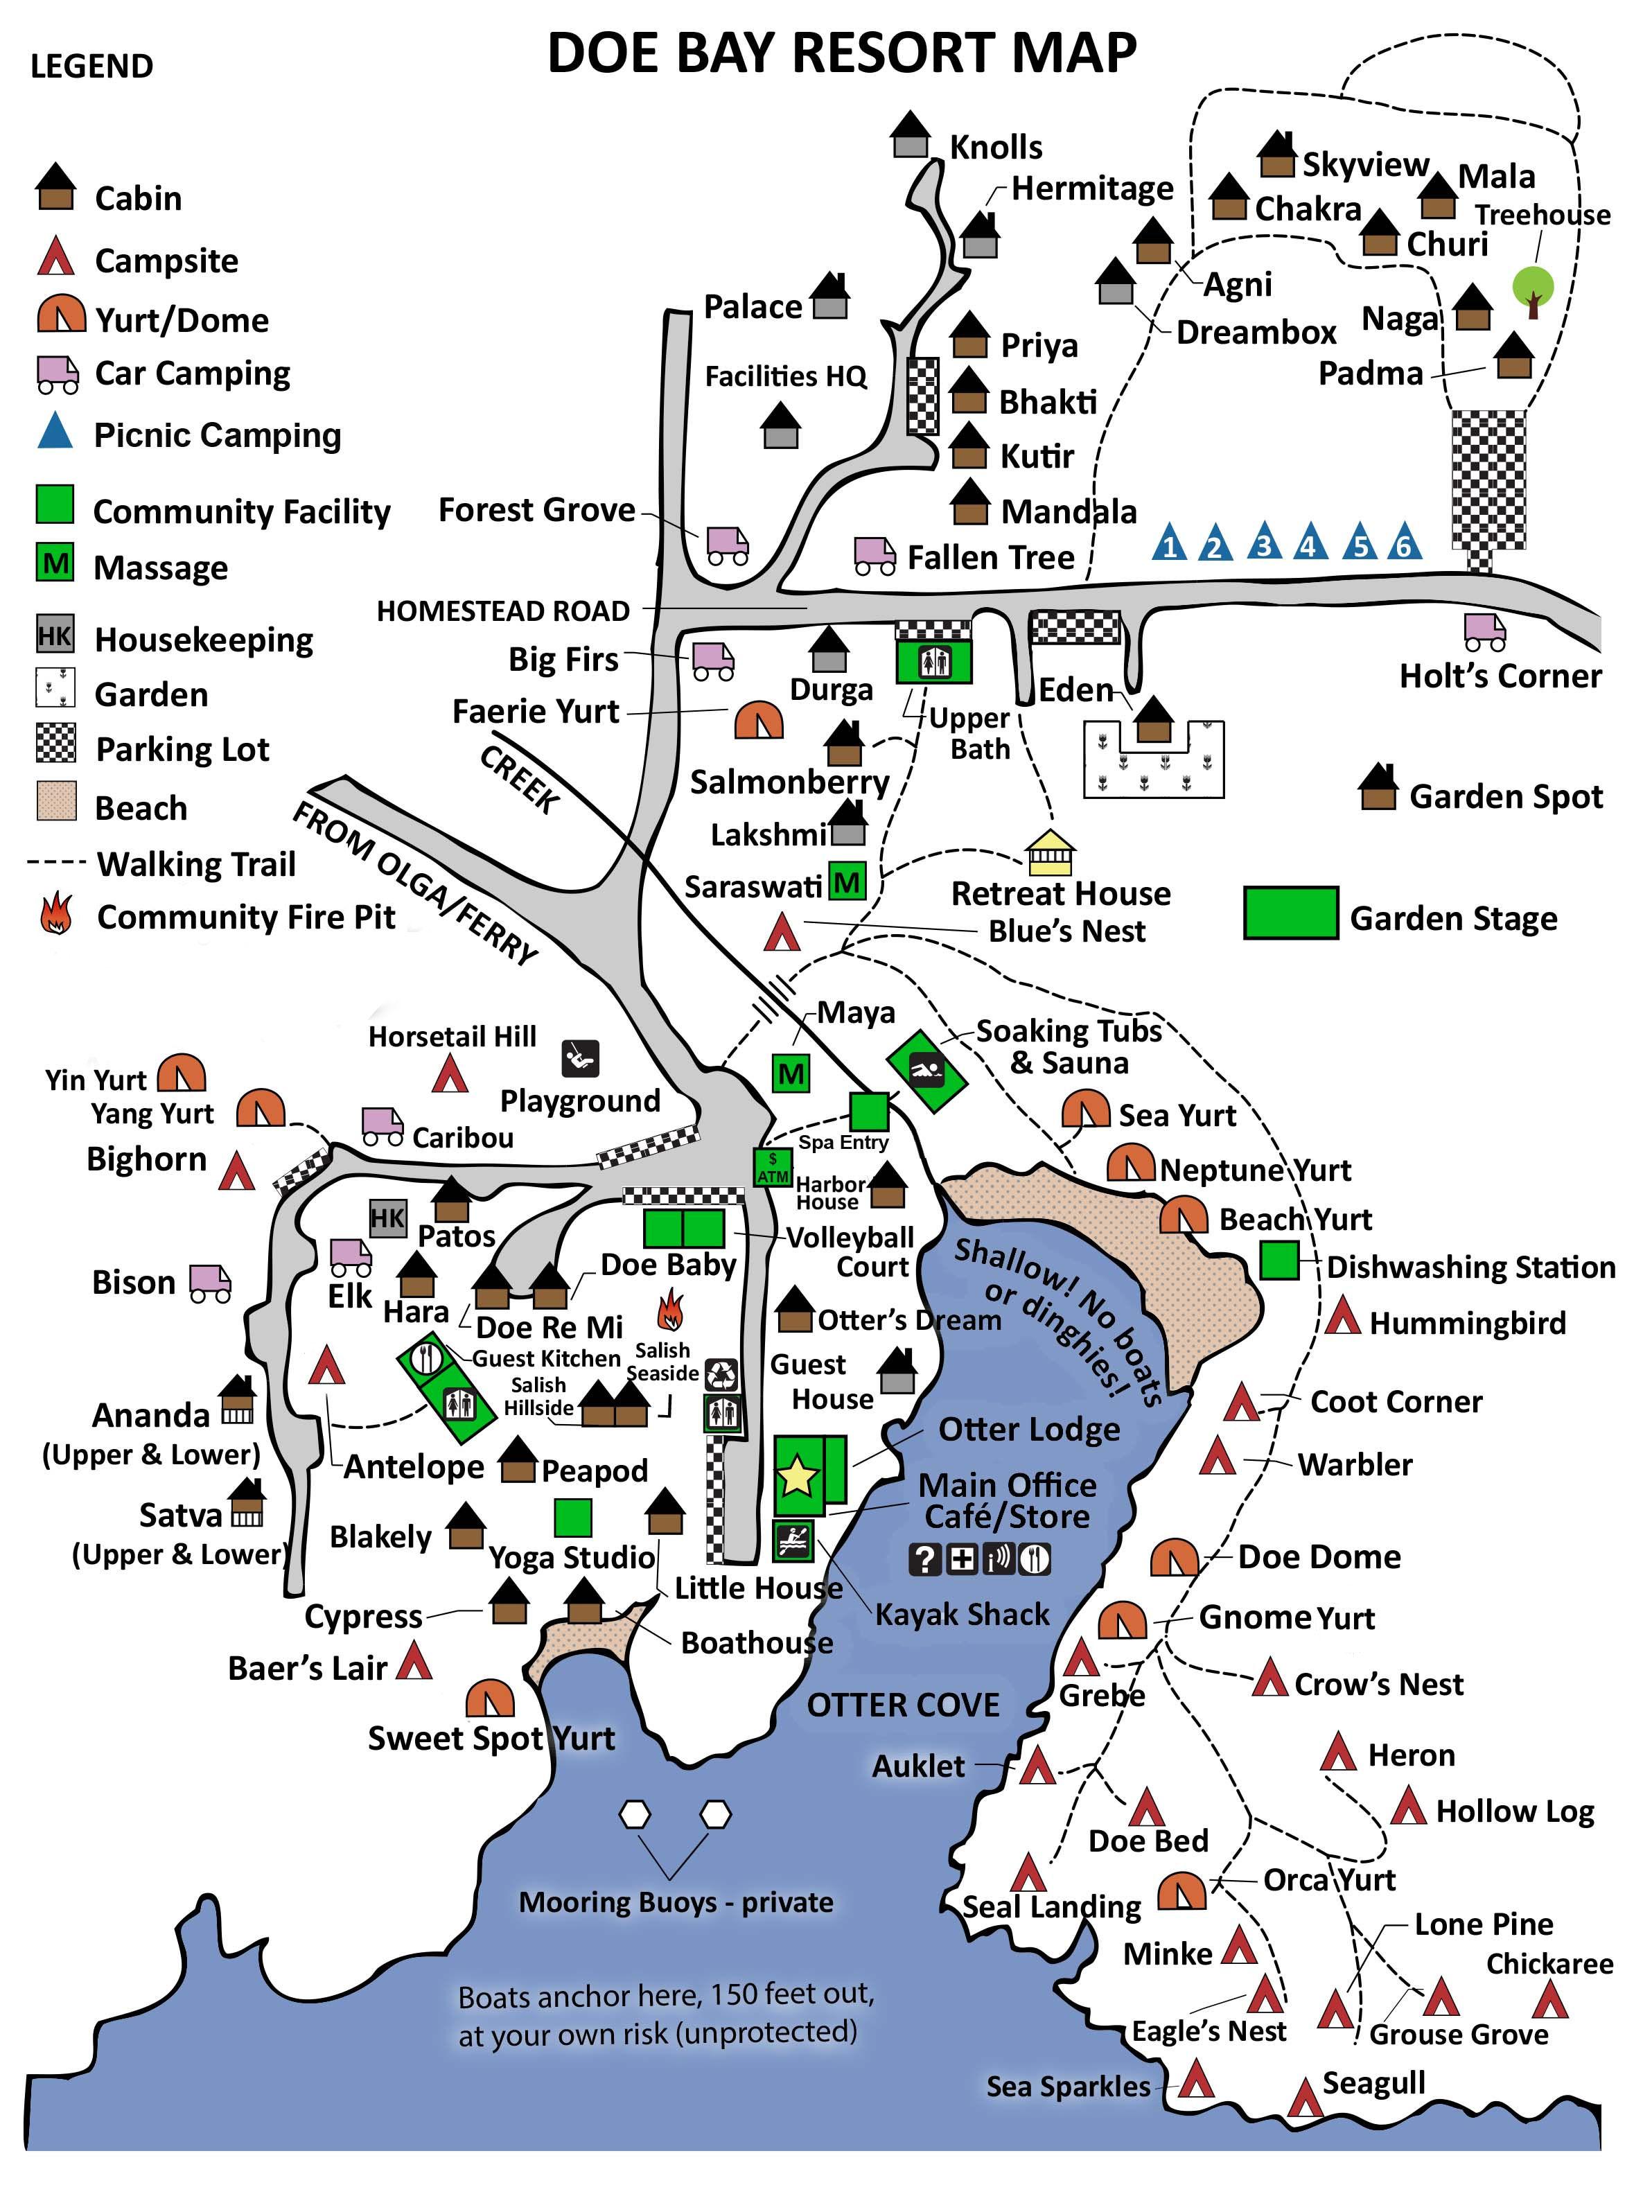 Interactive resort map